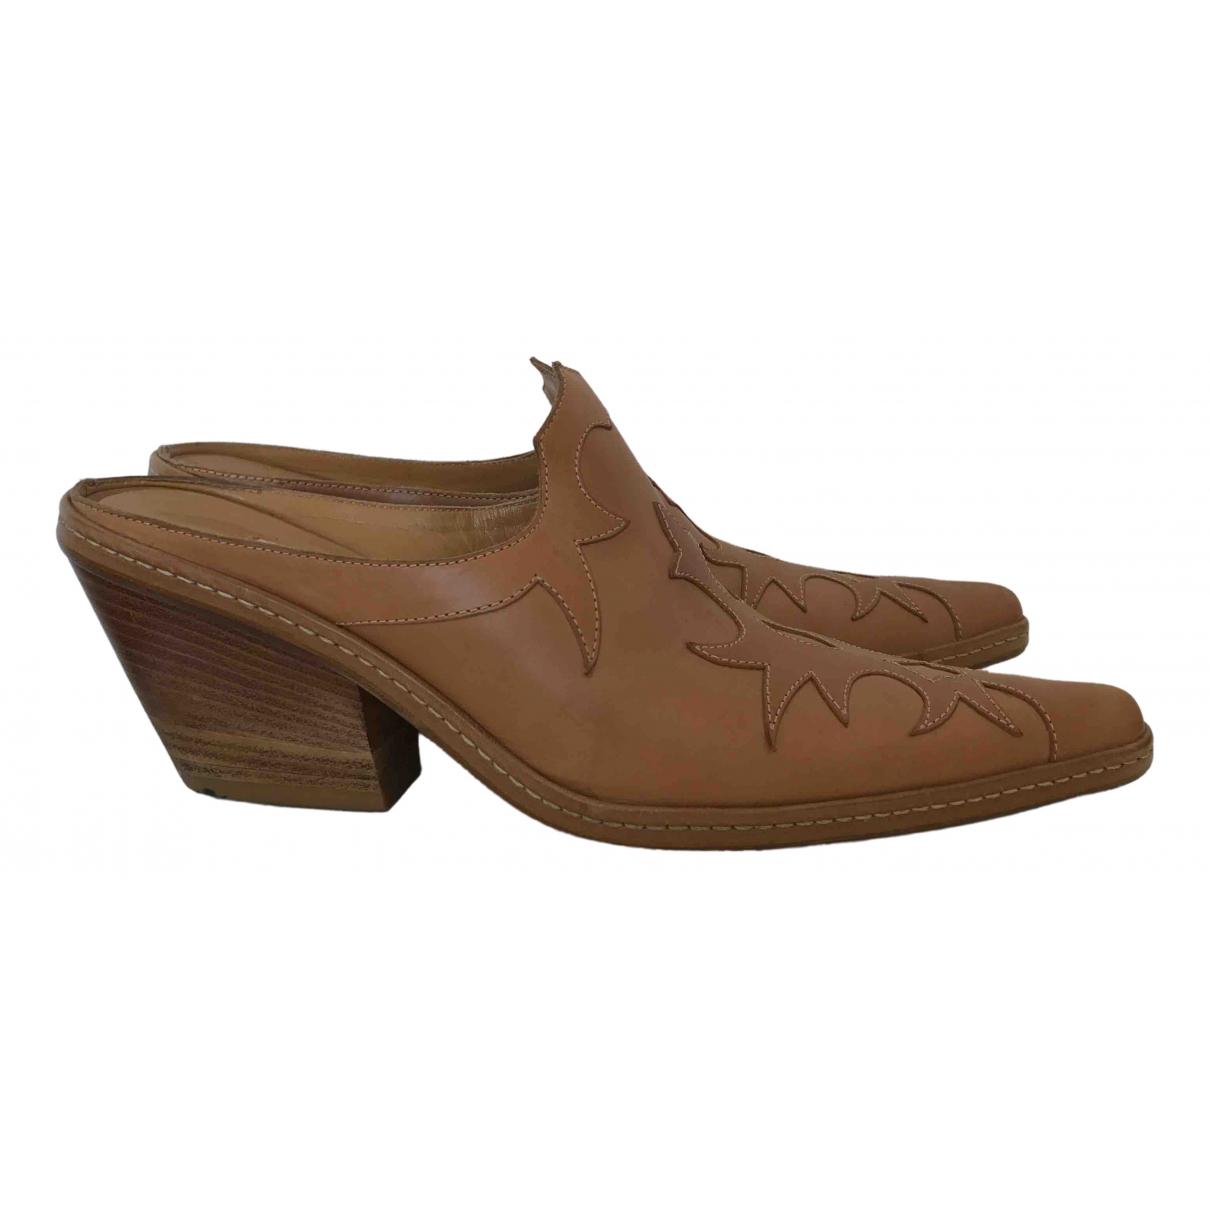 Sartore \N Beige Leather Mules & Clogs for Women 37 EU